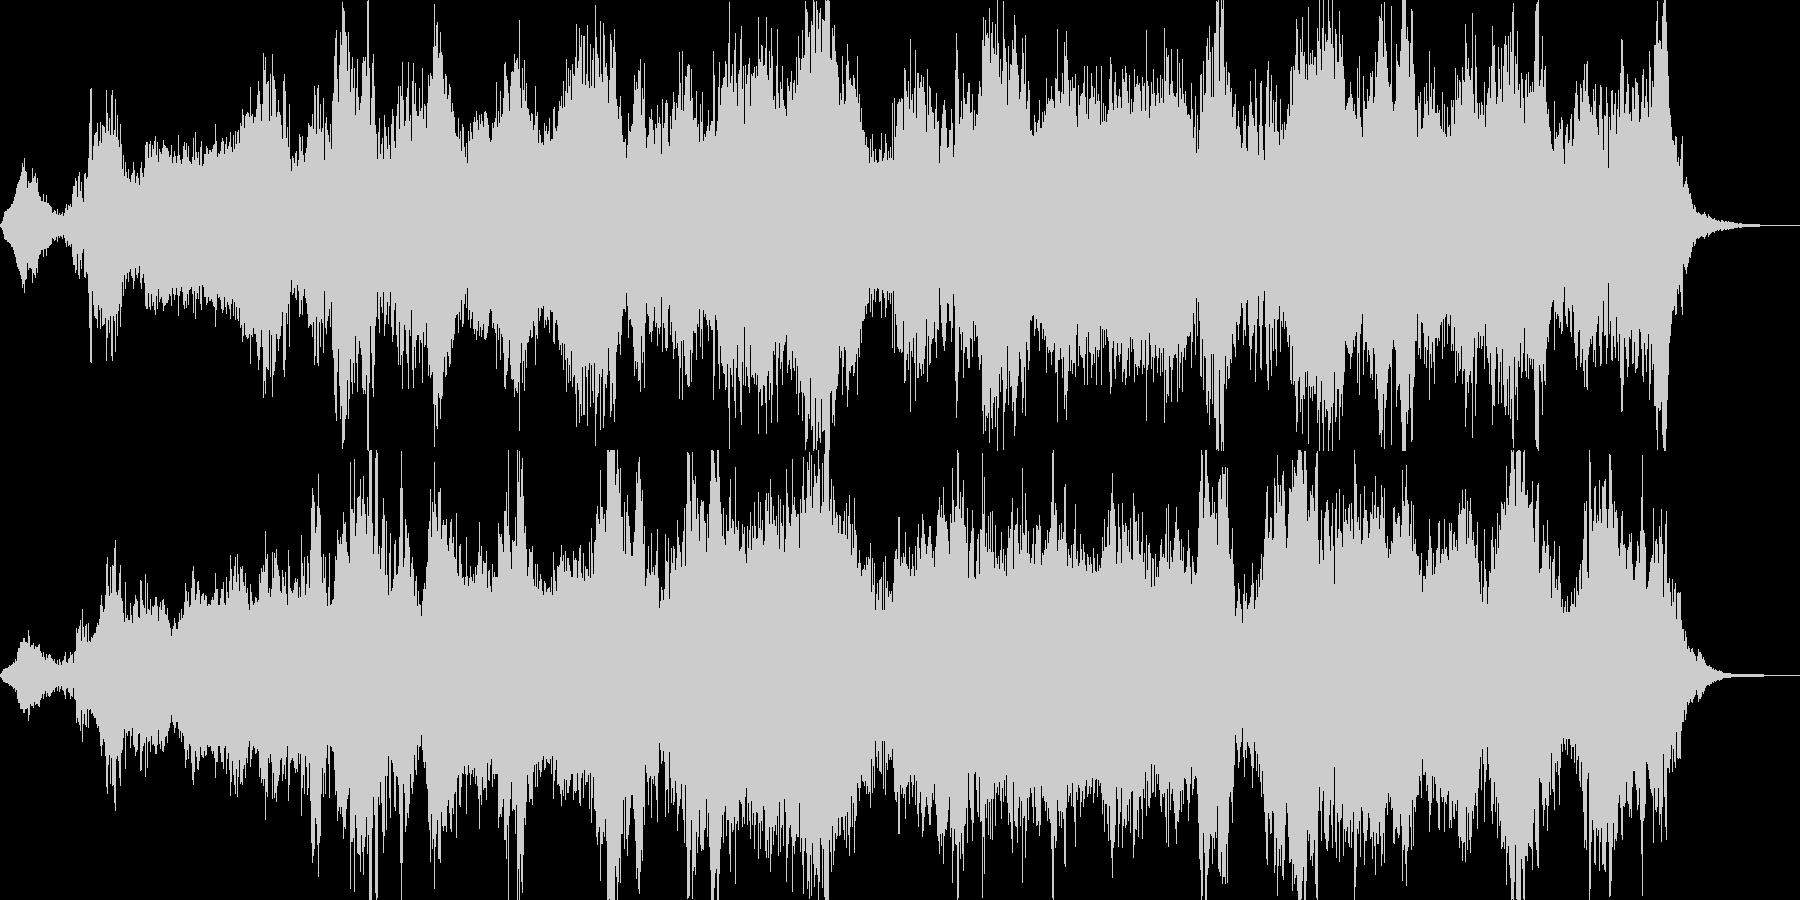 眠くなるアルファ波がでる癒しの音楽の未再生の波形